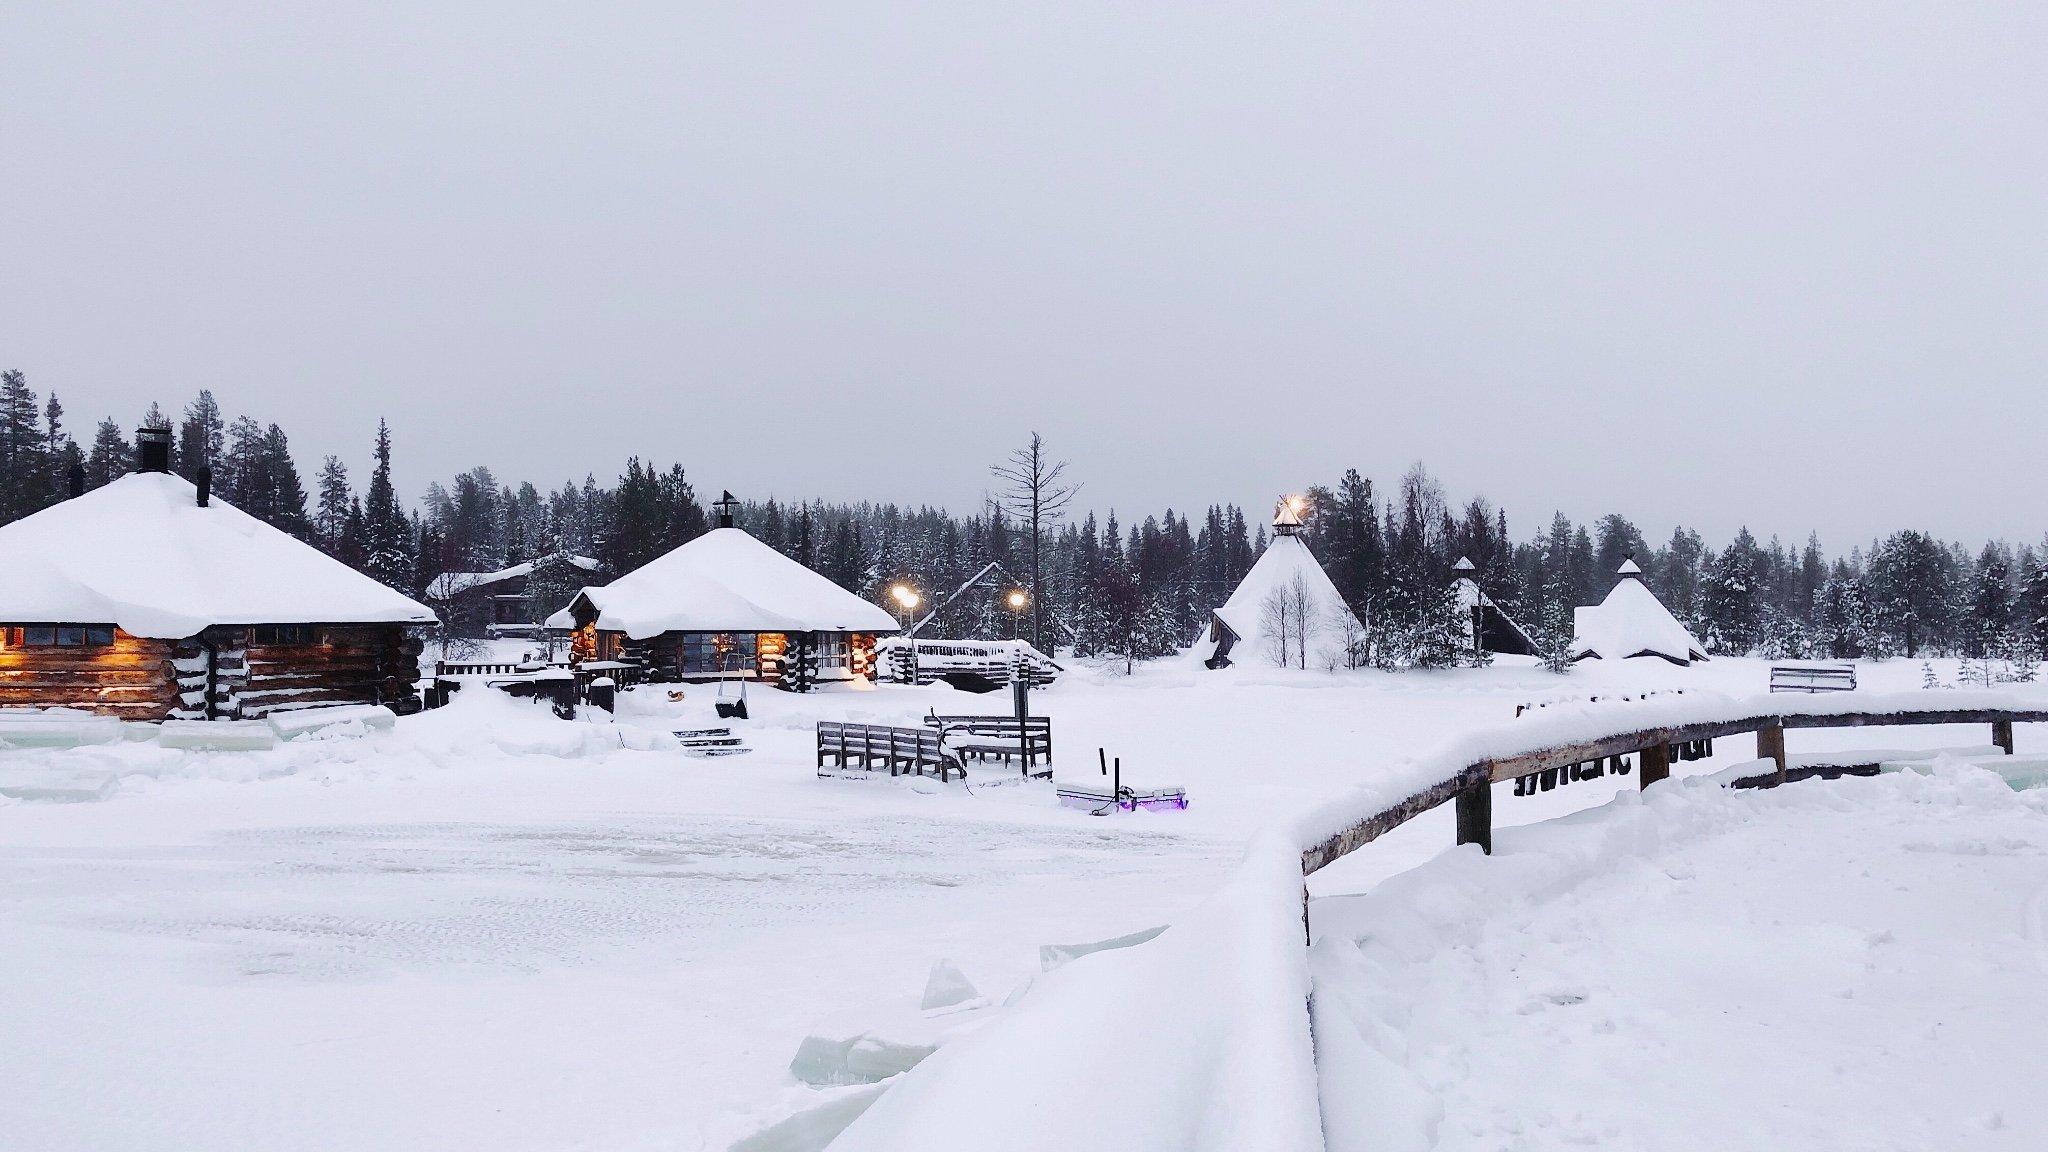 【芬兰新年篇】爱上这片冰天雪地 跨越6680公里来到北极圈邂逅极光女神